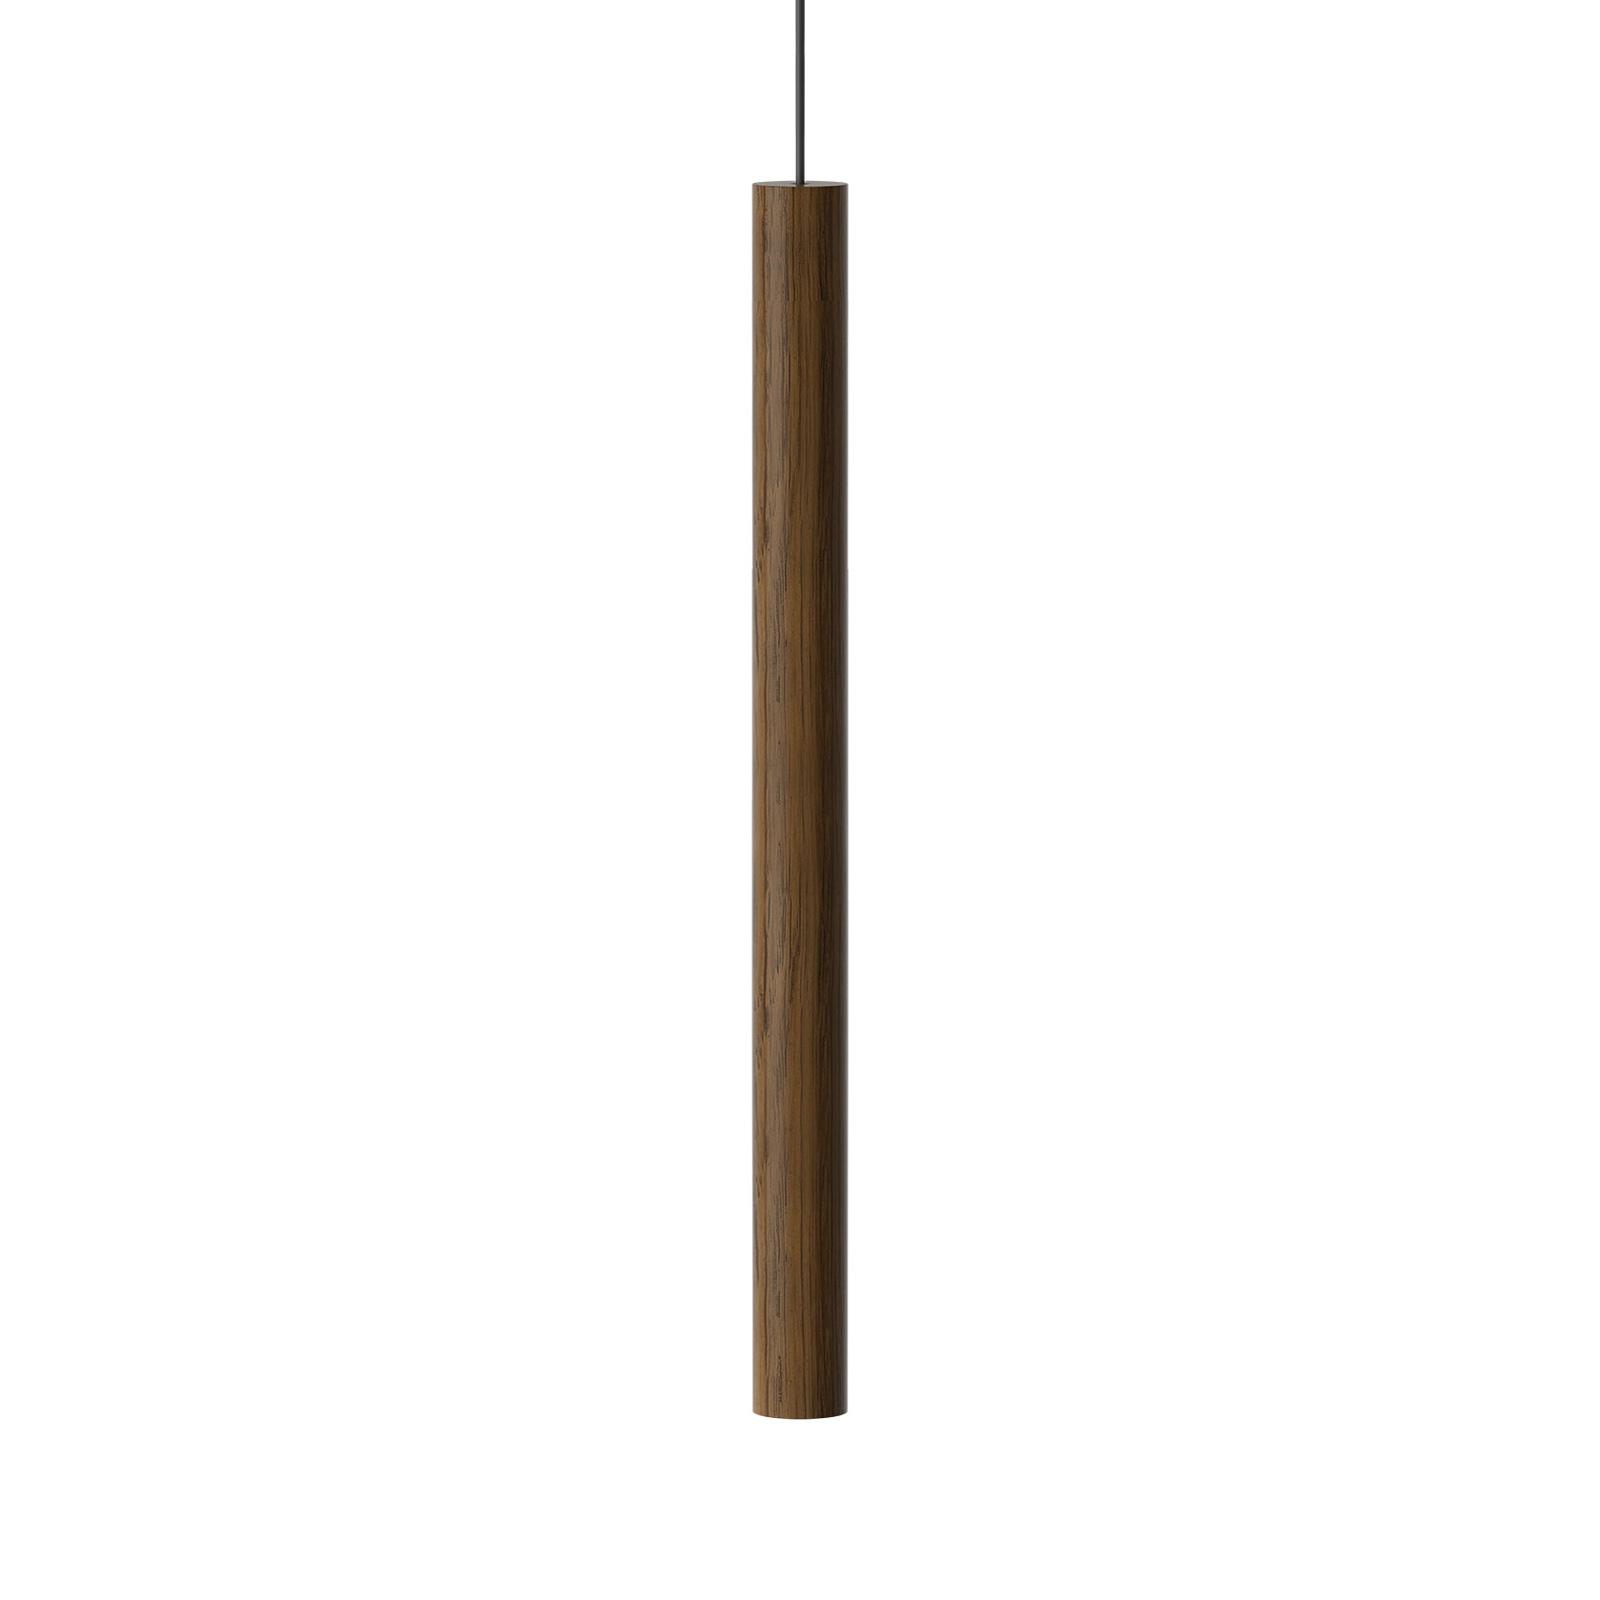 UMAGE Chimes Tall LED-pendellampe mørk eik